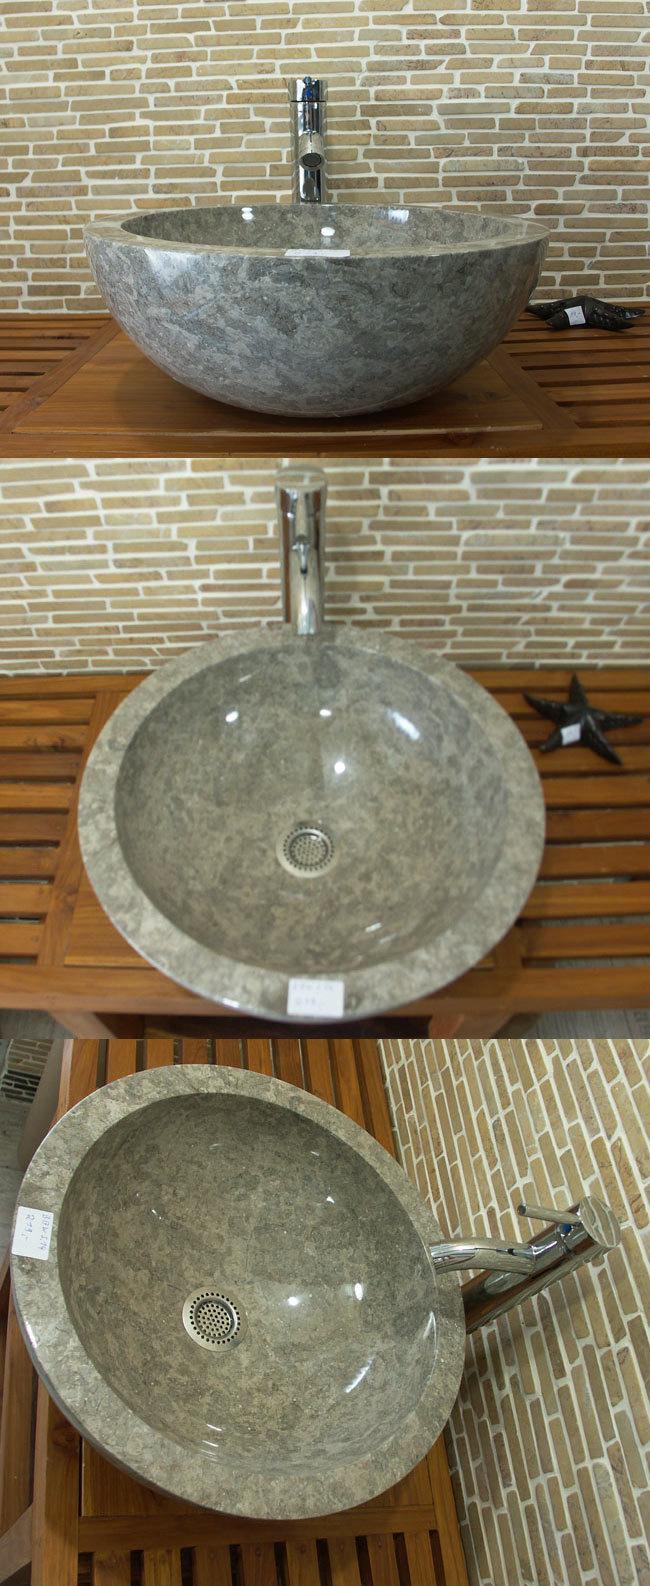 Marmor Waschbecken waschbecken aus marmor dunkelgrau außen und innen poliert baws14